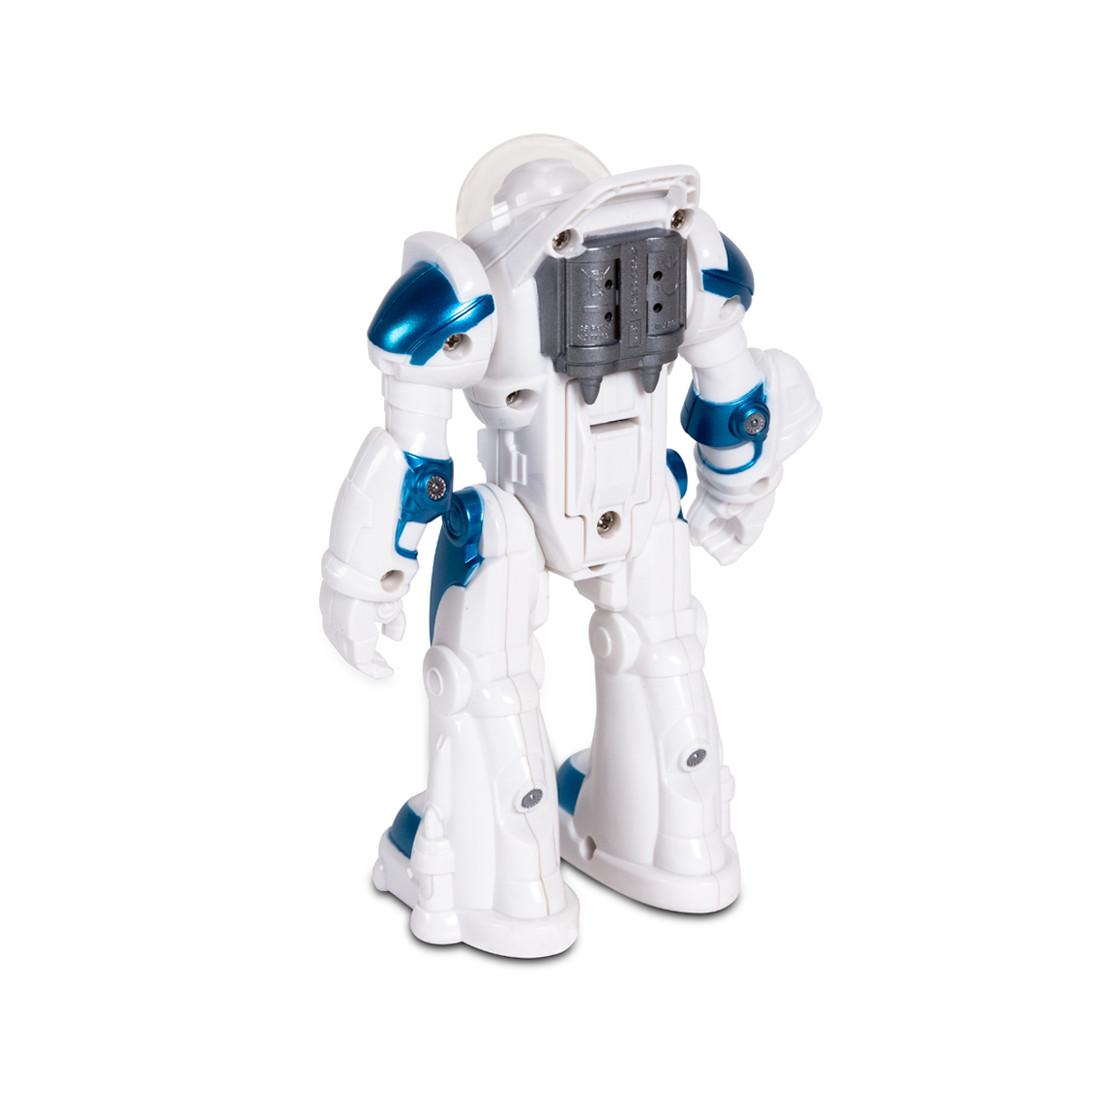 Робот RASTAR RS MINI Robot Spaceman 77100W (Свет, Музыка, Движущиеся съемные руки и ноги) - фото 2